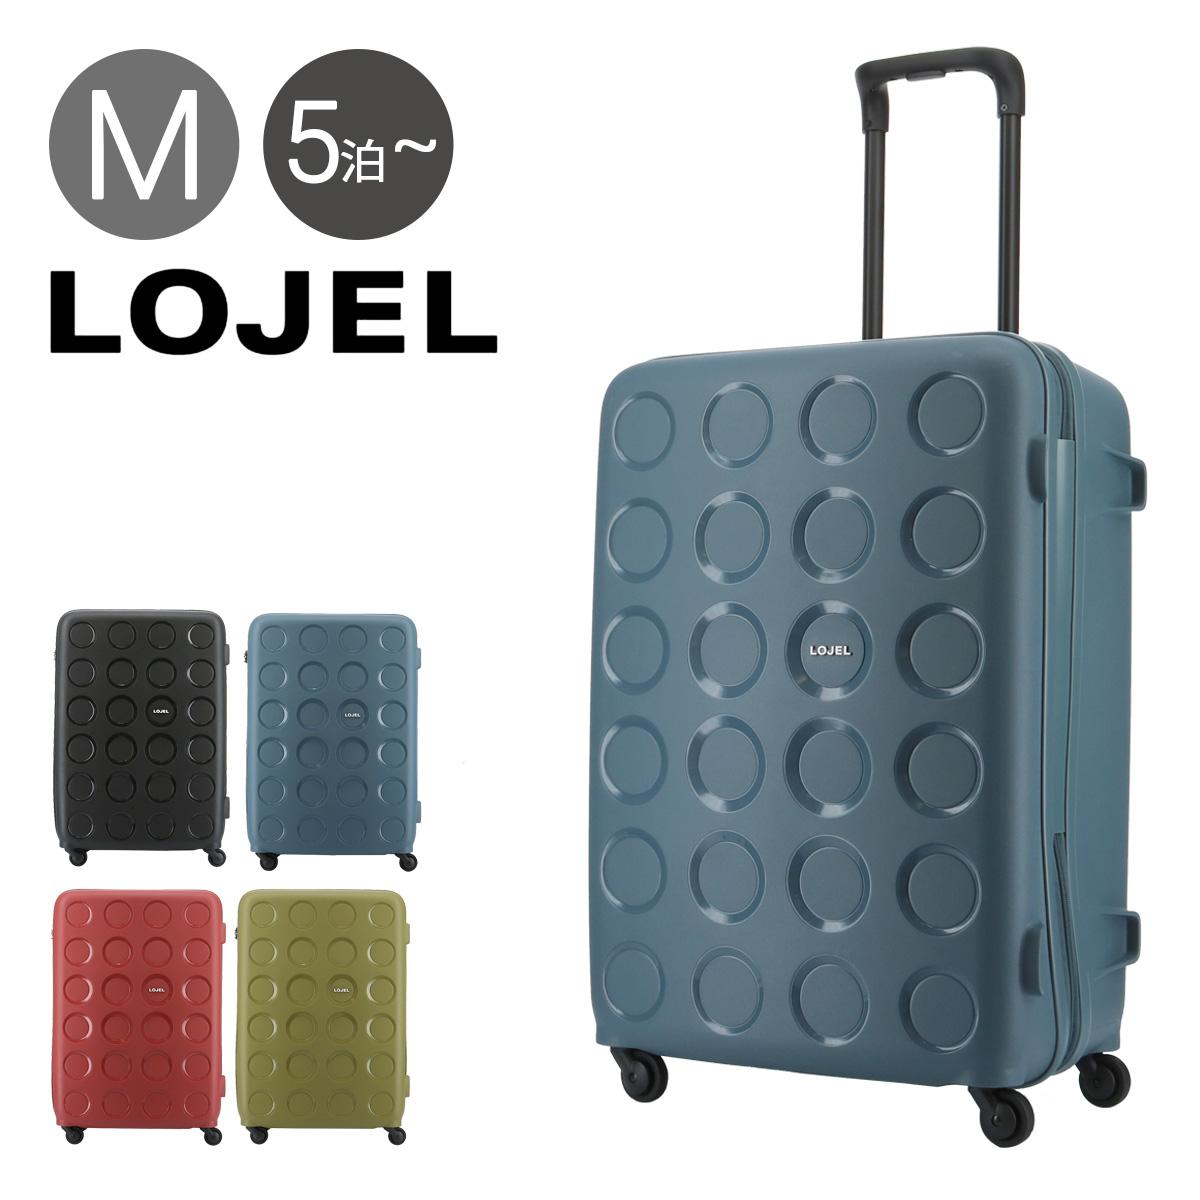 ロジェール スーツケース ヴィータ Mサイズ|75L 66cm 4.2kg VITA-M|ハード ファスナー 静音 TSAロック搭載 おしゃれ キャリーバッグ [PO5][即日発送][bef]